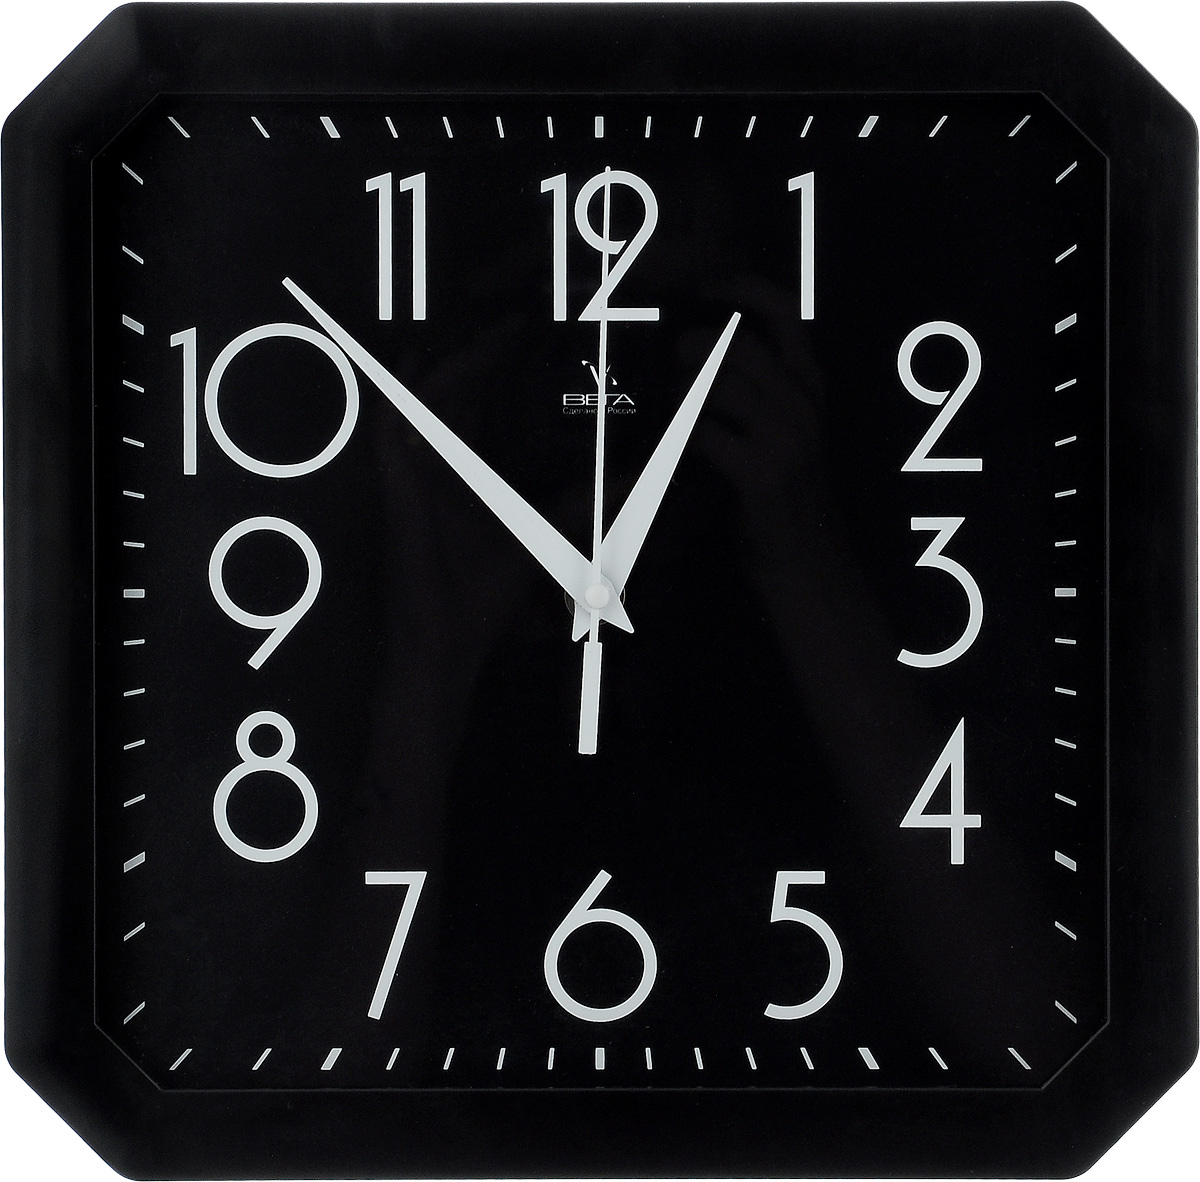 Часы настенные Вега Классика, цвет: черный, 28 х 28 смП4-6/6-80Настенные кварцевые часы Вега Классика, изготовленные из пластика, прекрасно впишутся в интерьер вашего дома. Часы имеют три стрелки: часовую, минутную и секундную, циферблат защищен прозрачным стеклом. Часы работают от 1 батарейки типа АА напряжением 1,5 В (не входит в комплект).